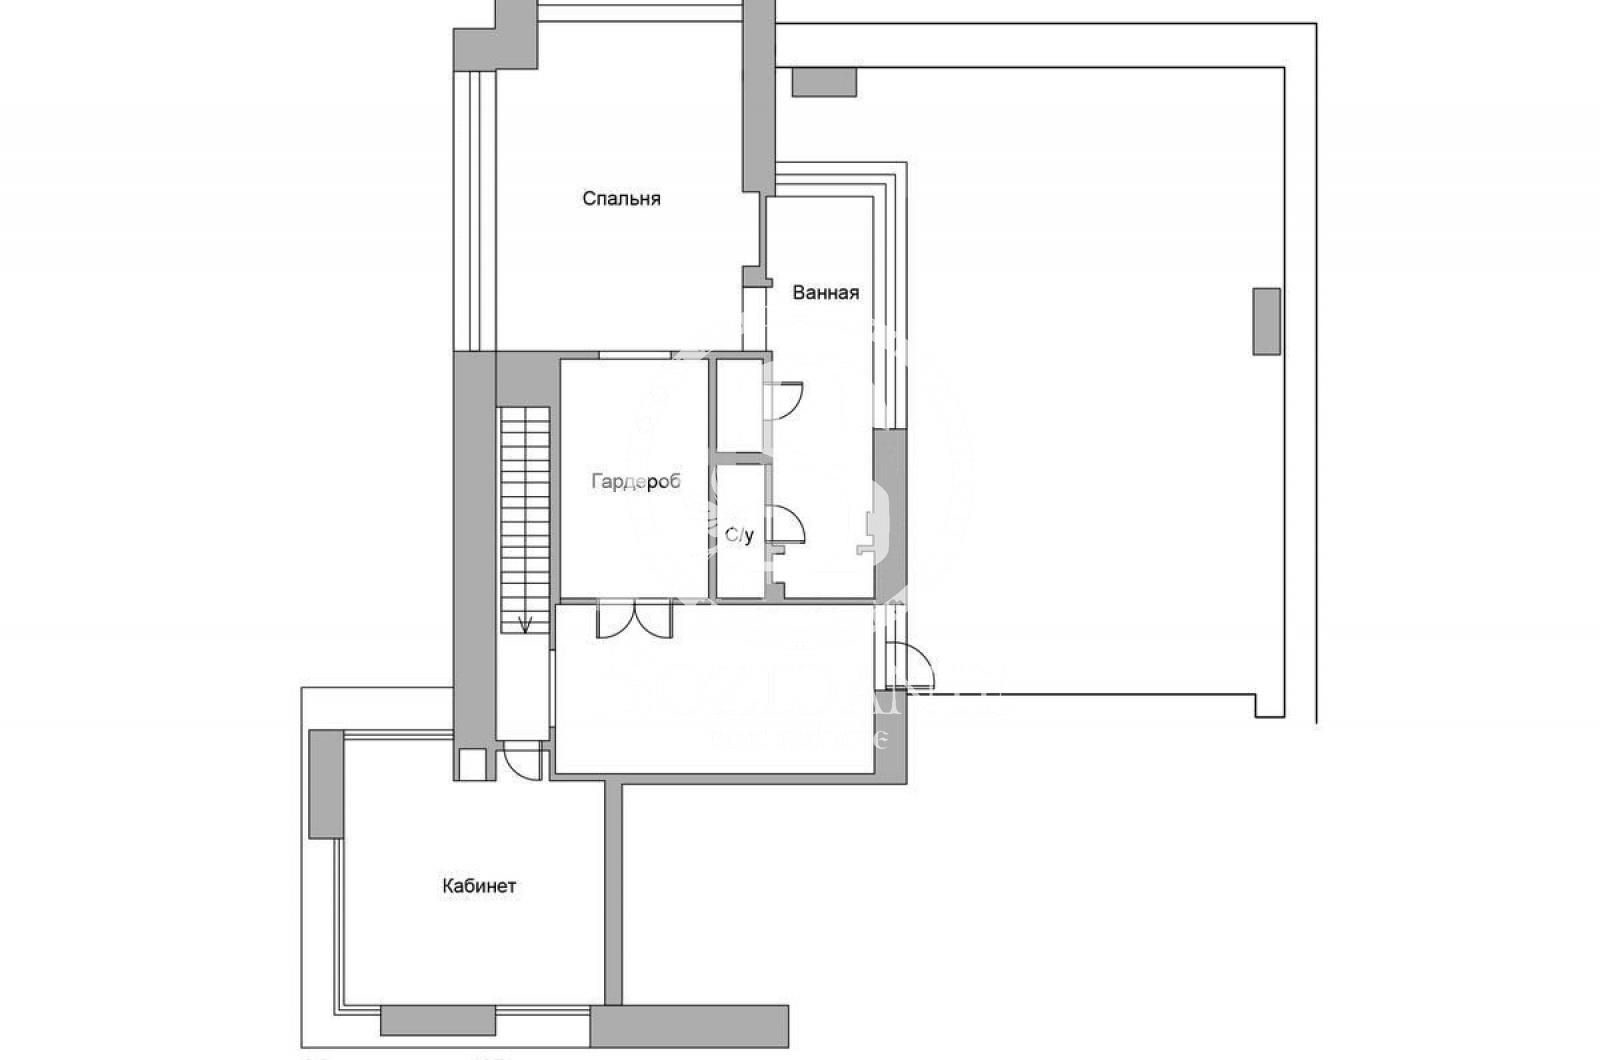 6 Комнаты, Городская, Продажа, Бутиковский переулок, Listing ID 3485, Москва, Россия,